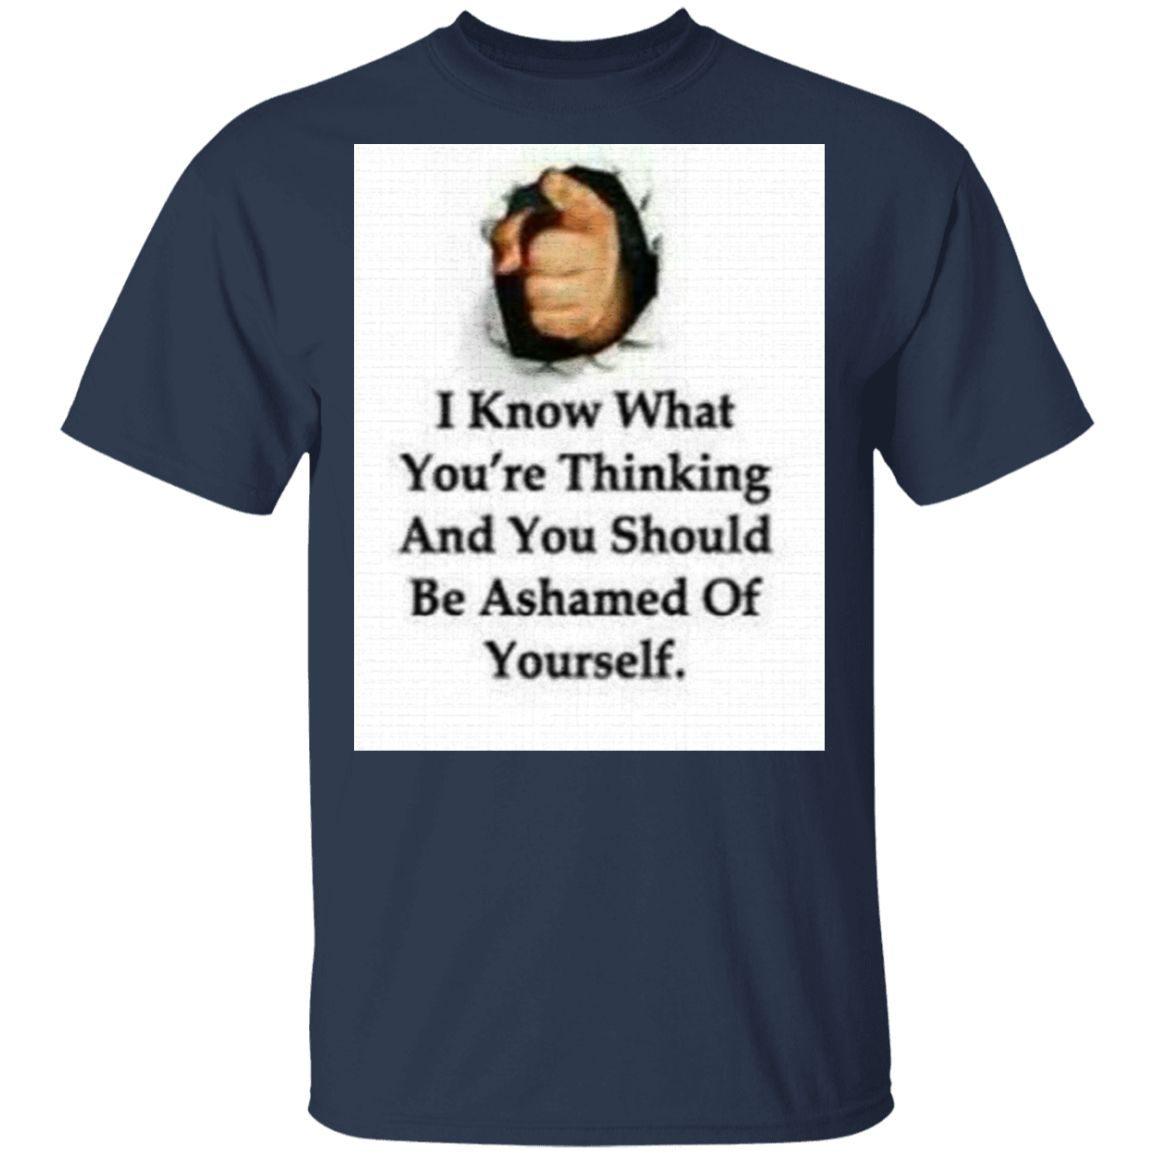 Funny Shirt You Should Be Ashamed T-Shirt